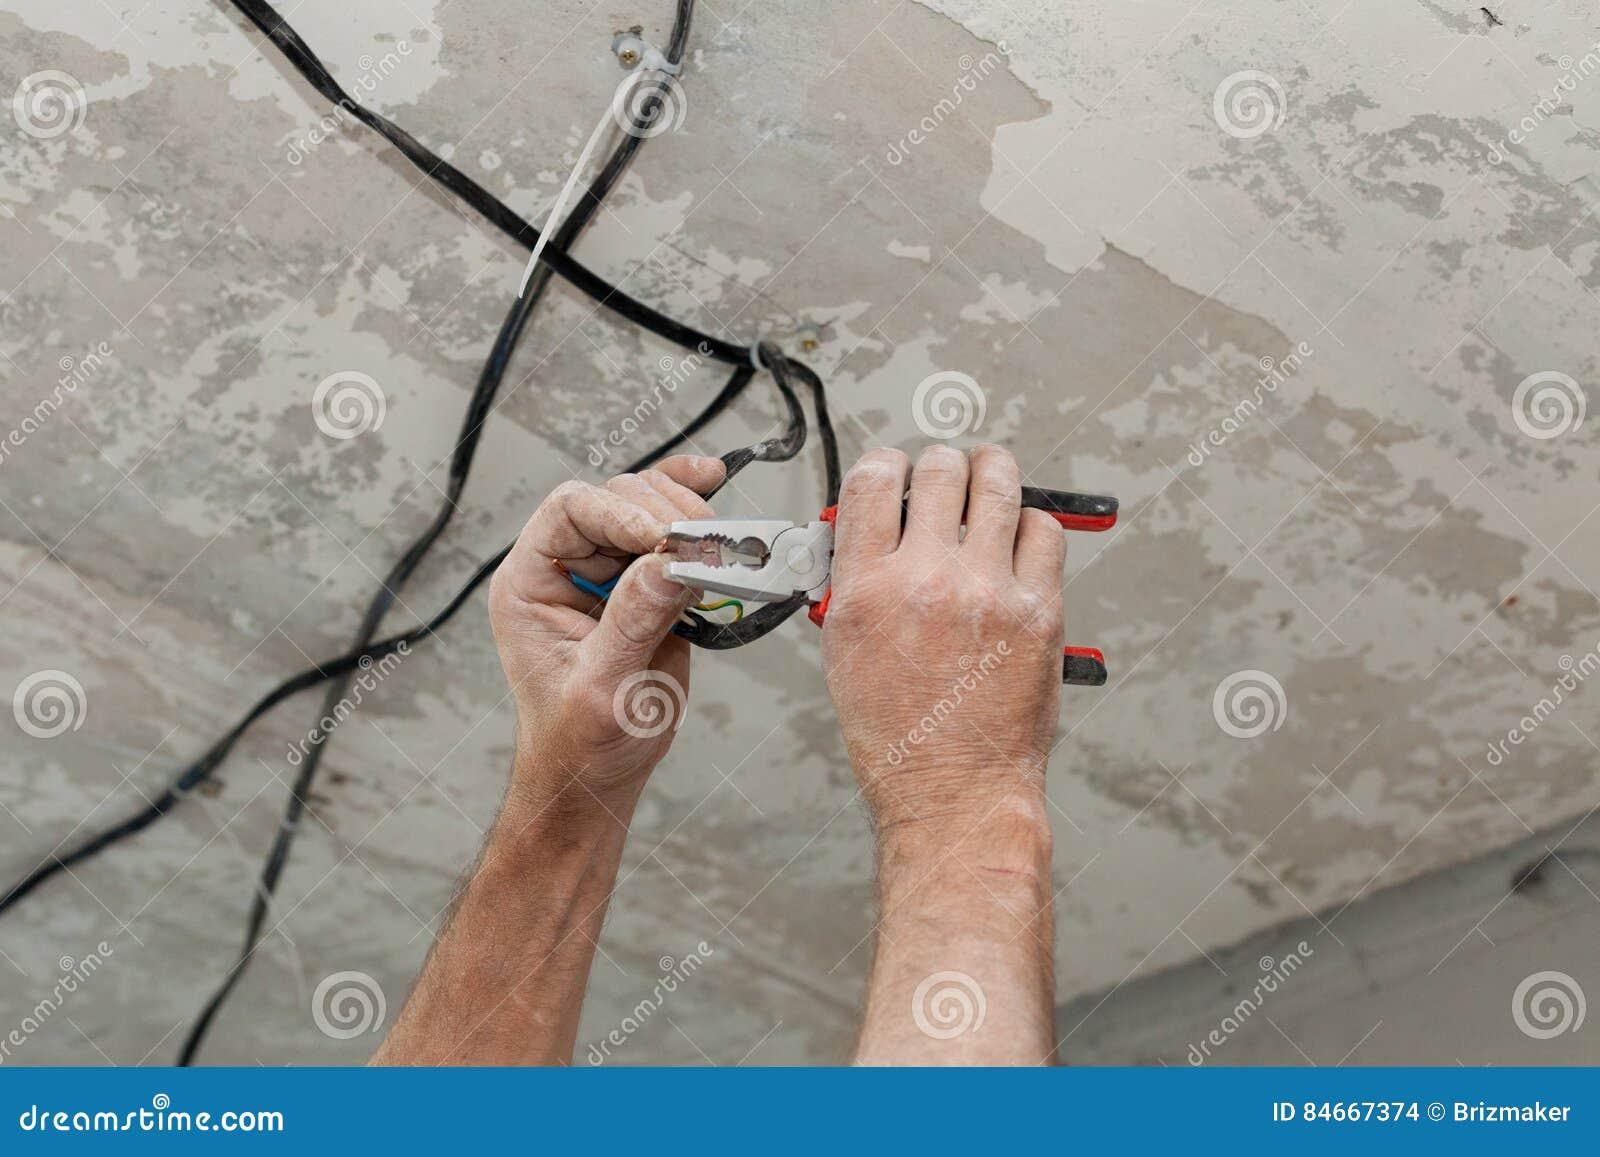 Les électriciens nettoie les contacts avec des pinces Installation du plafonnier